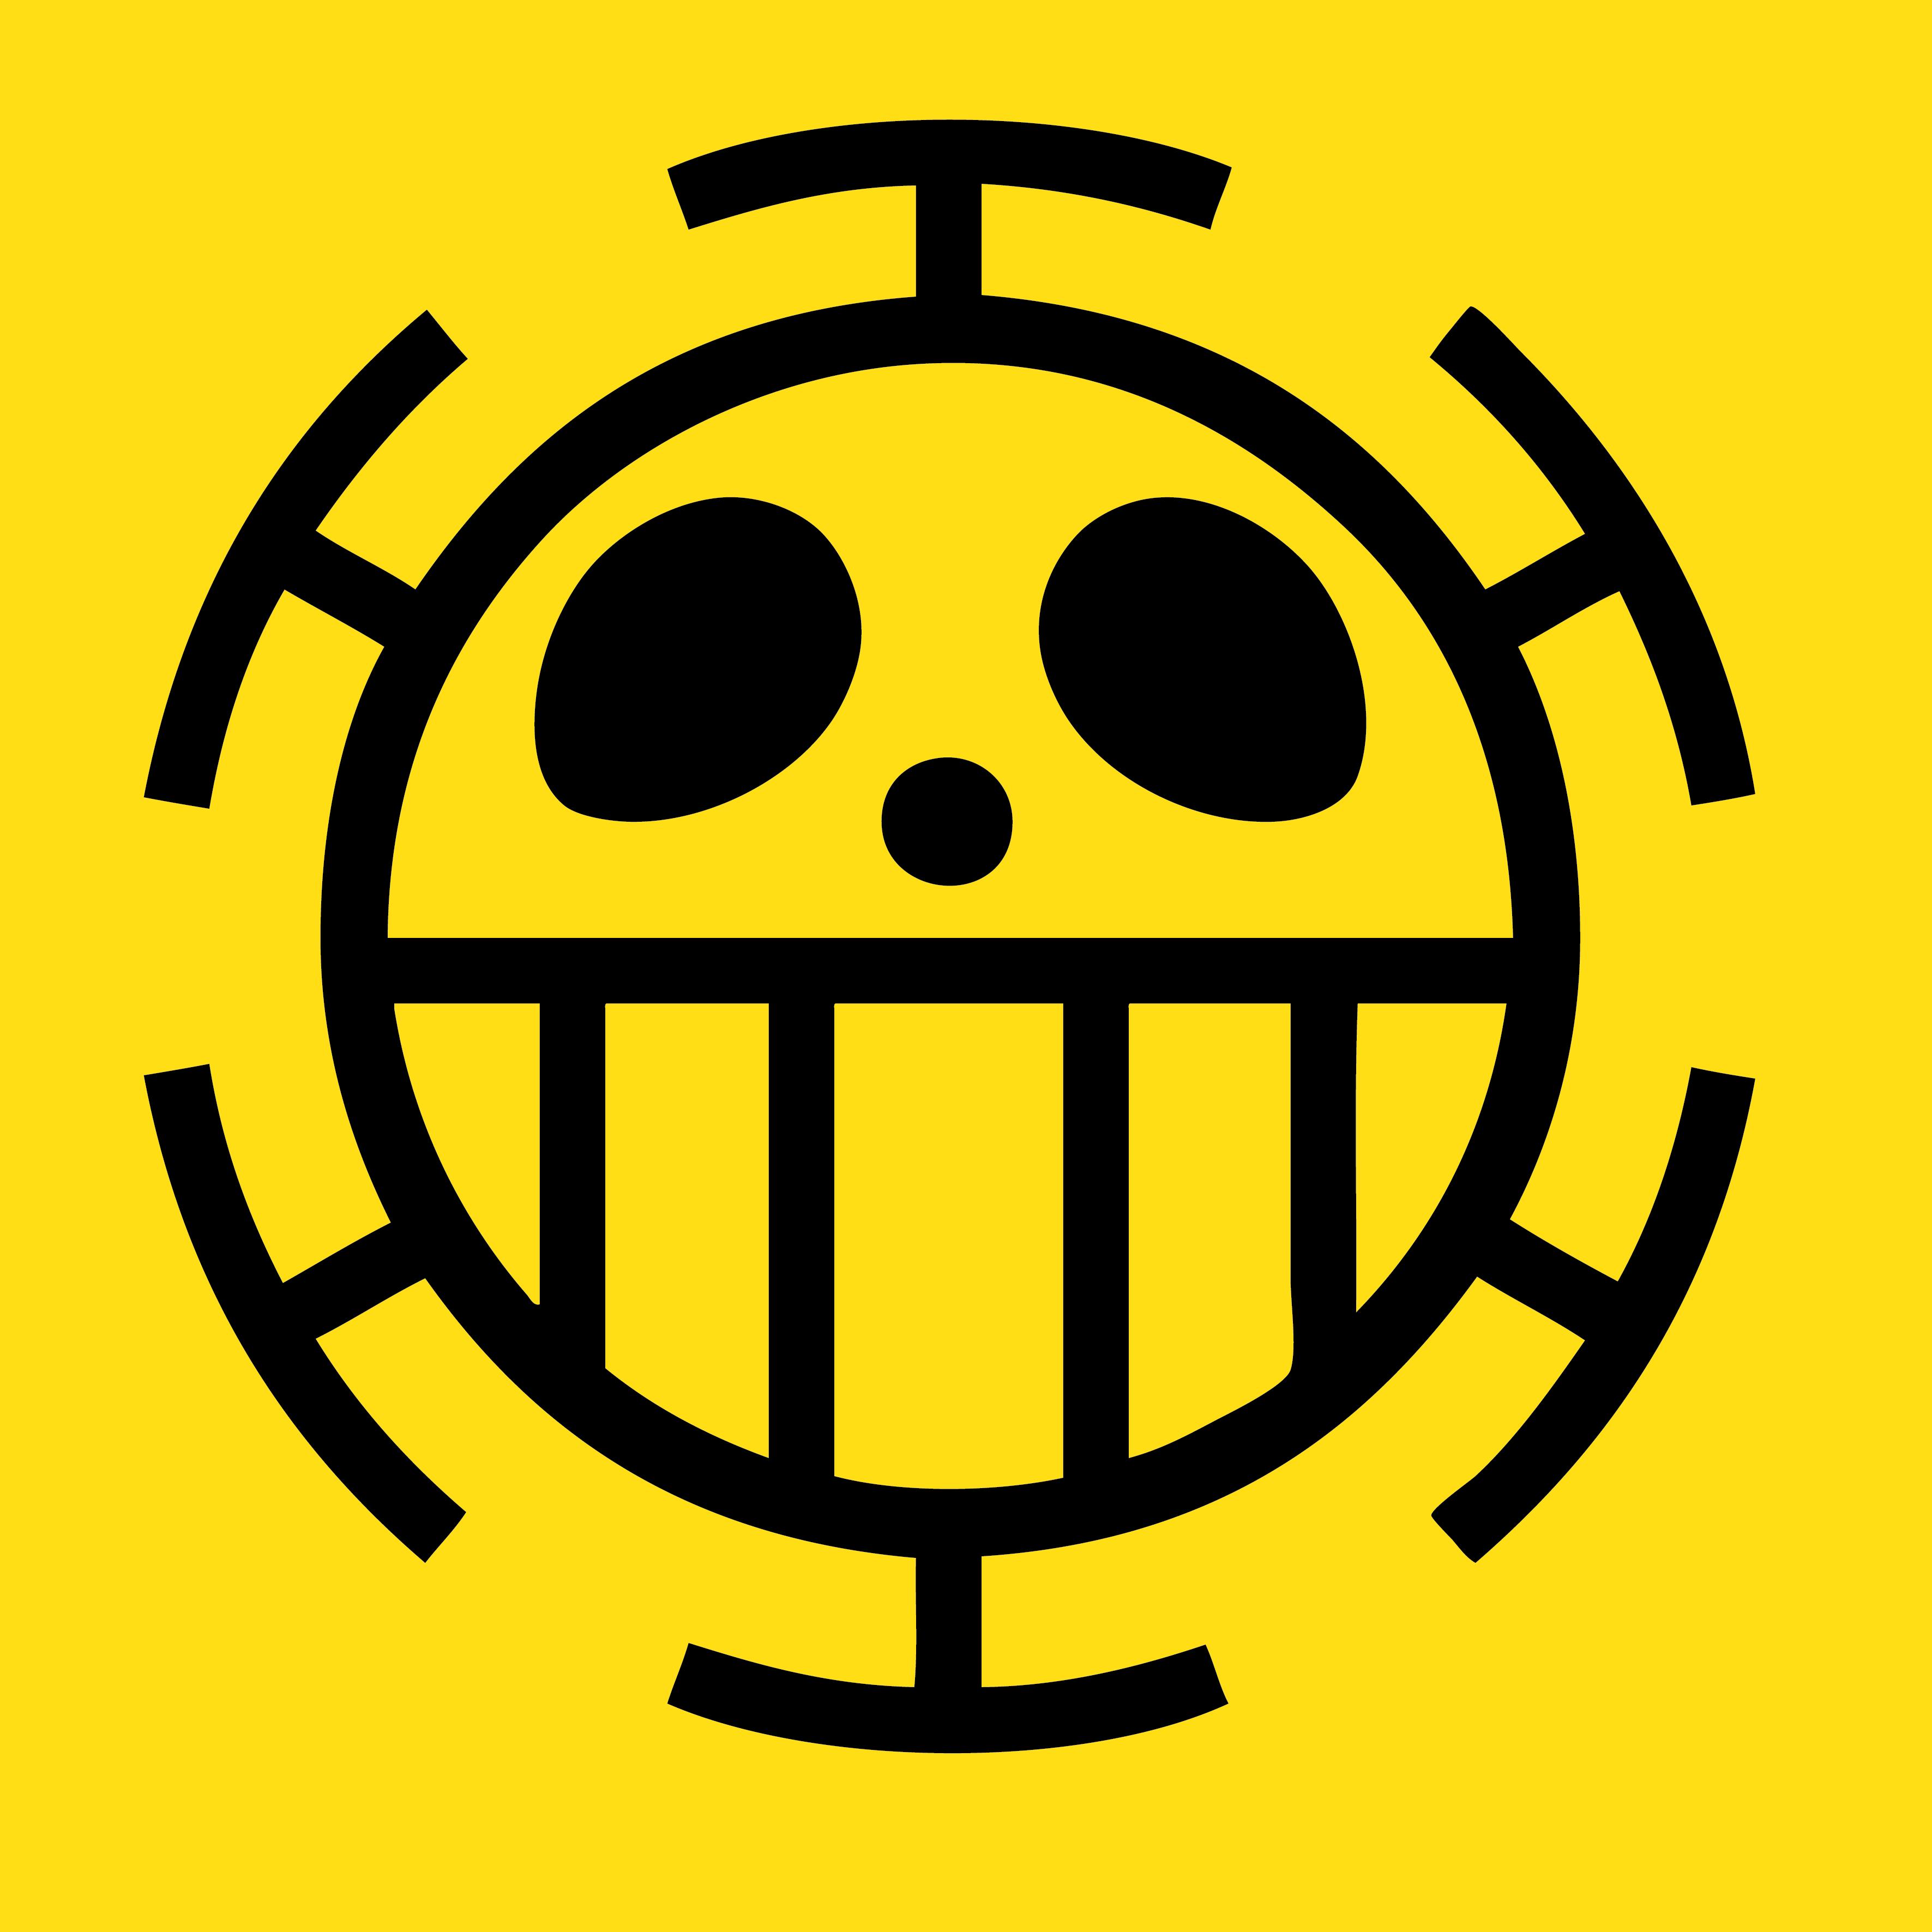 One Piece Trafalgar Law Flag Emblem by elsid37